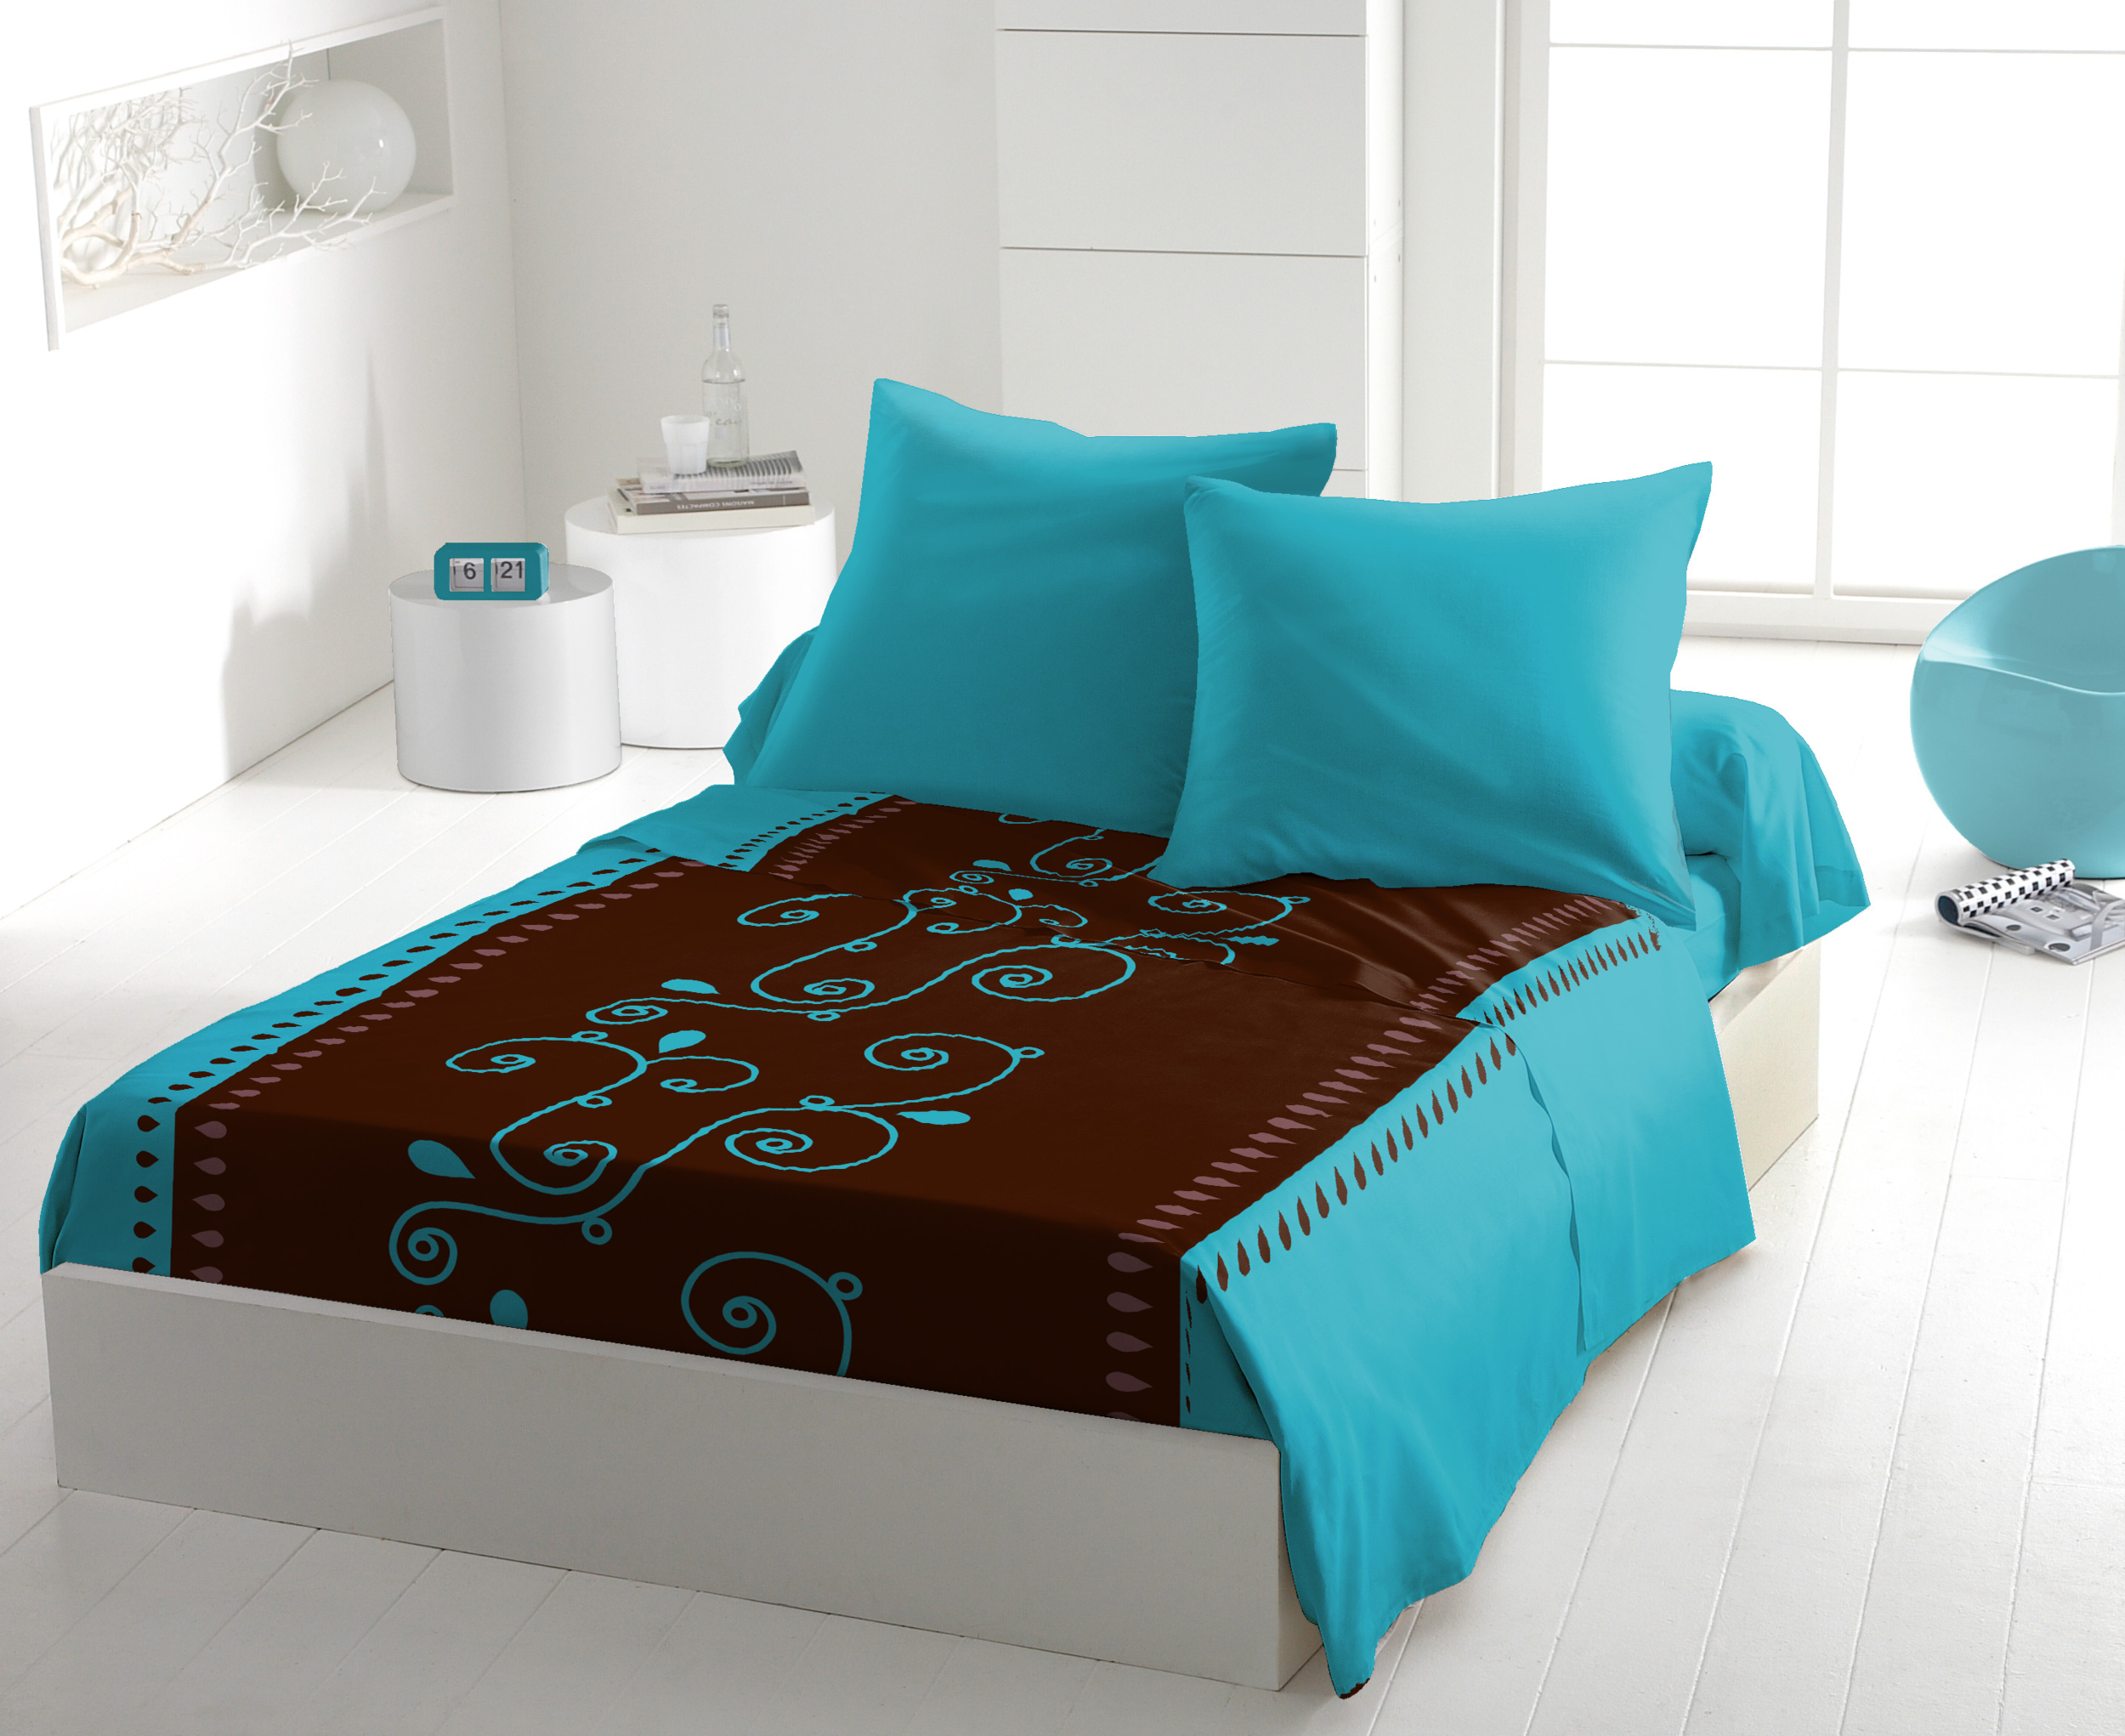 Parure de drap microfibre cacao barry turquoise 4pcs (drap plat 240x300cm)